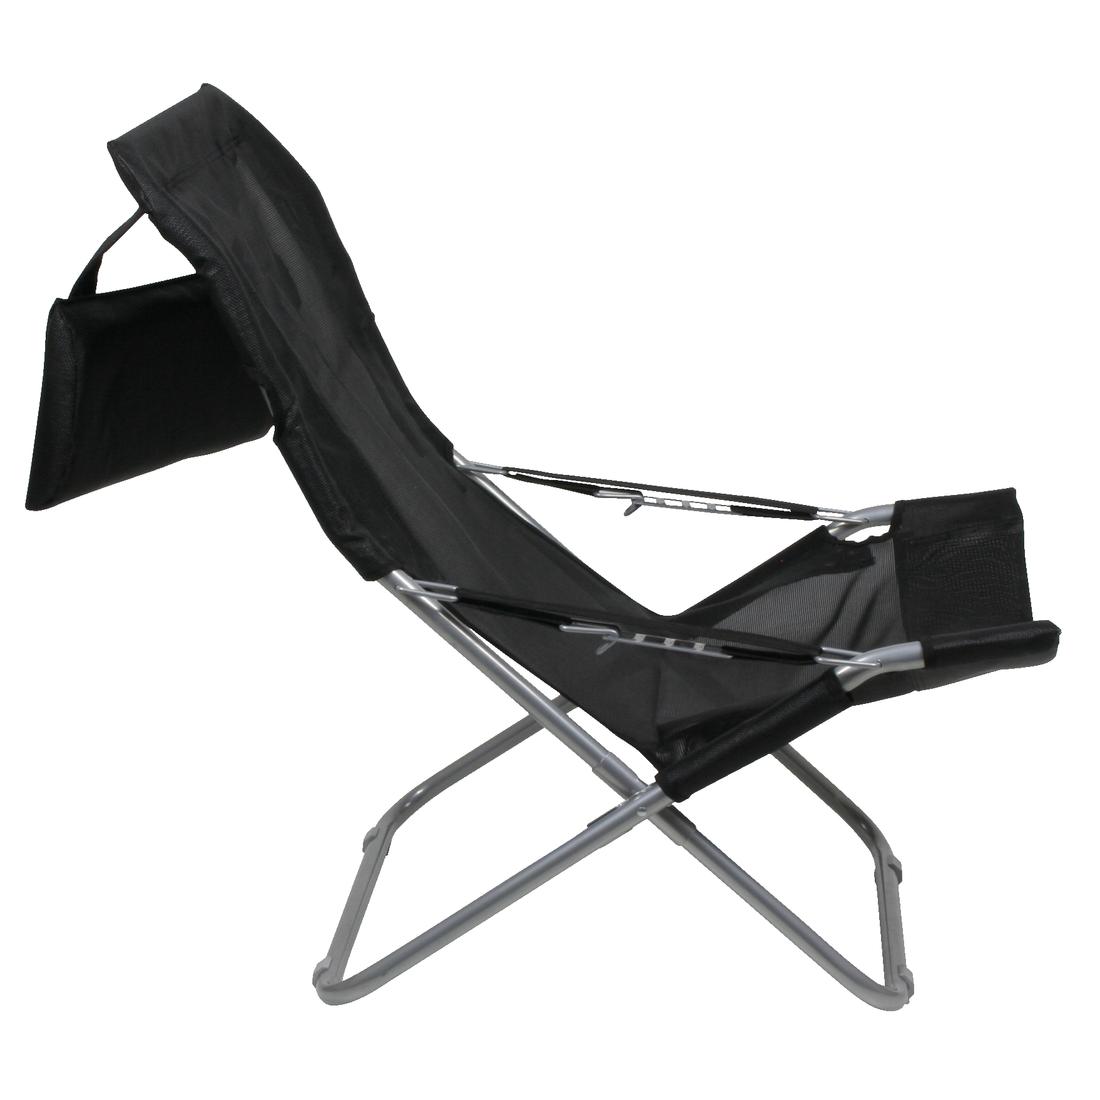 10t maxi chair si ge de camping relax pliant dossier haut avec appui t te rembourr pliable. Black Bedroom Furniture Sets. Home Design Ideas